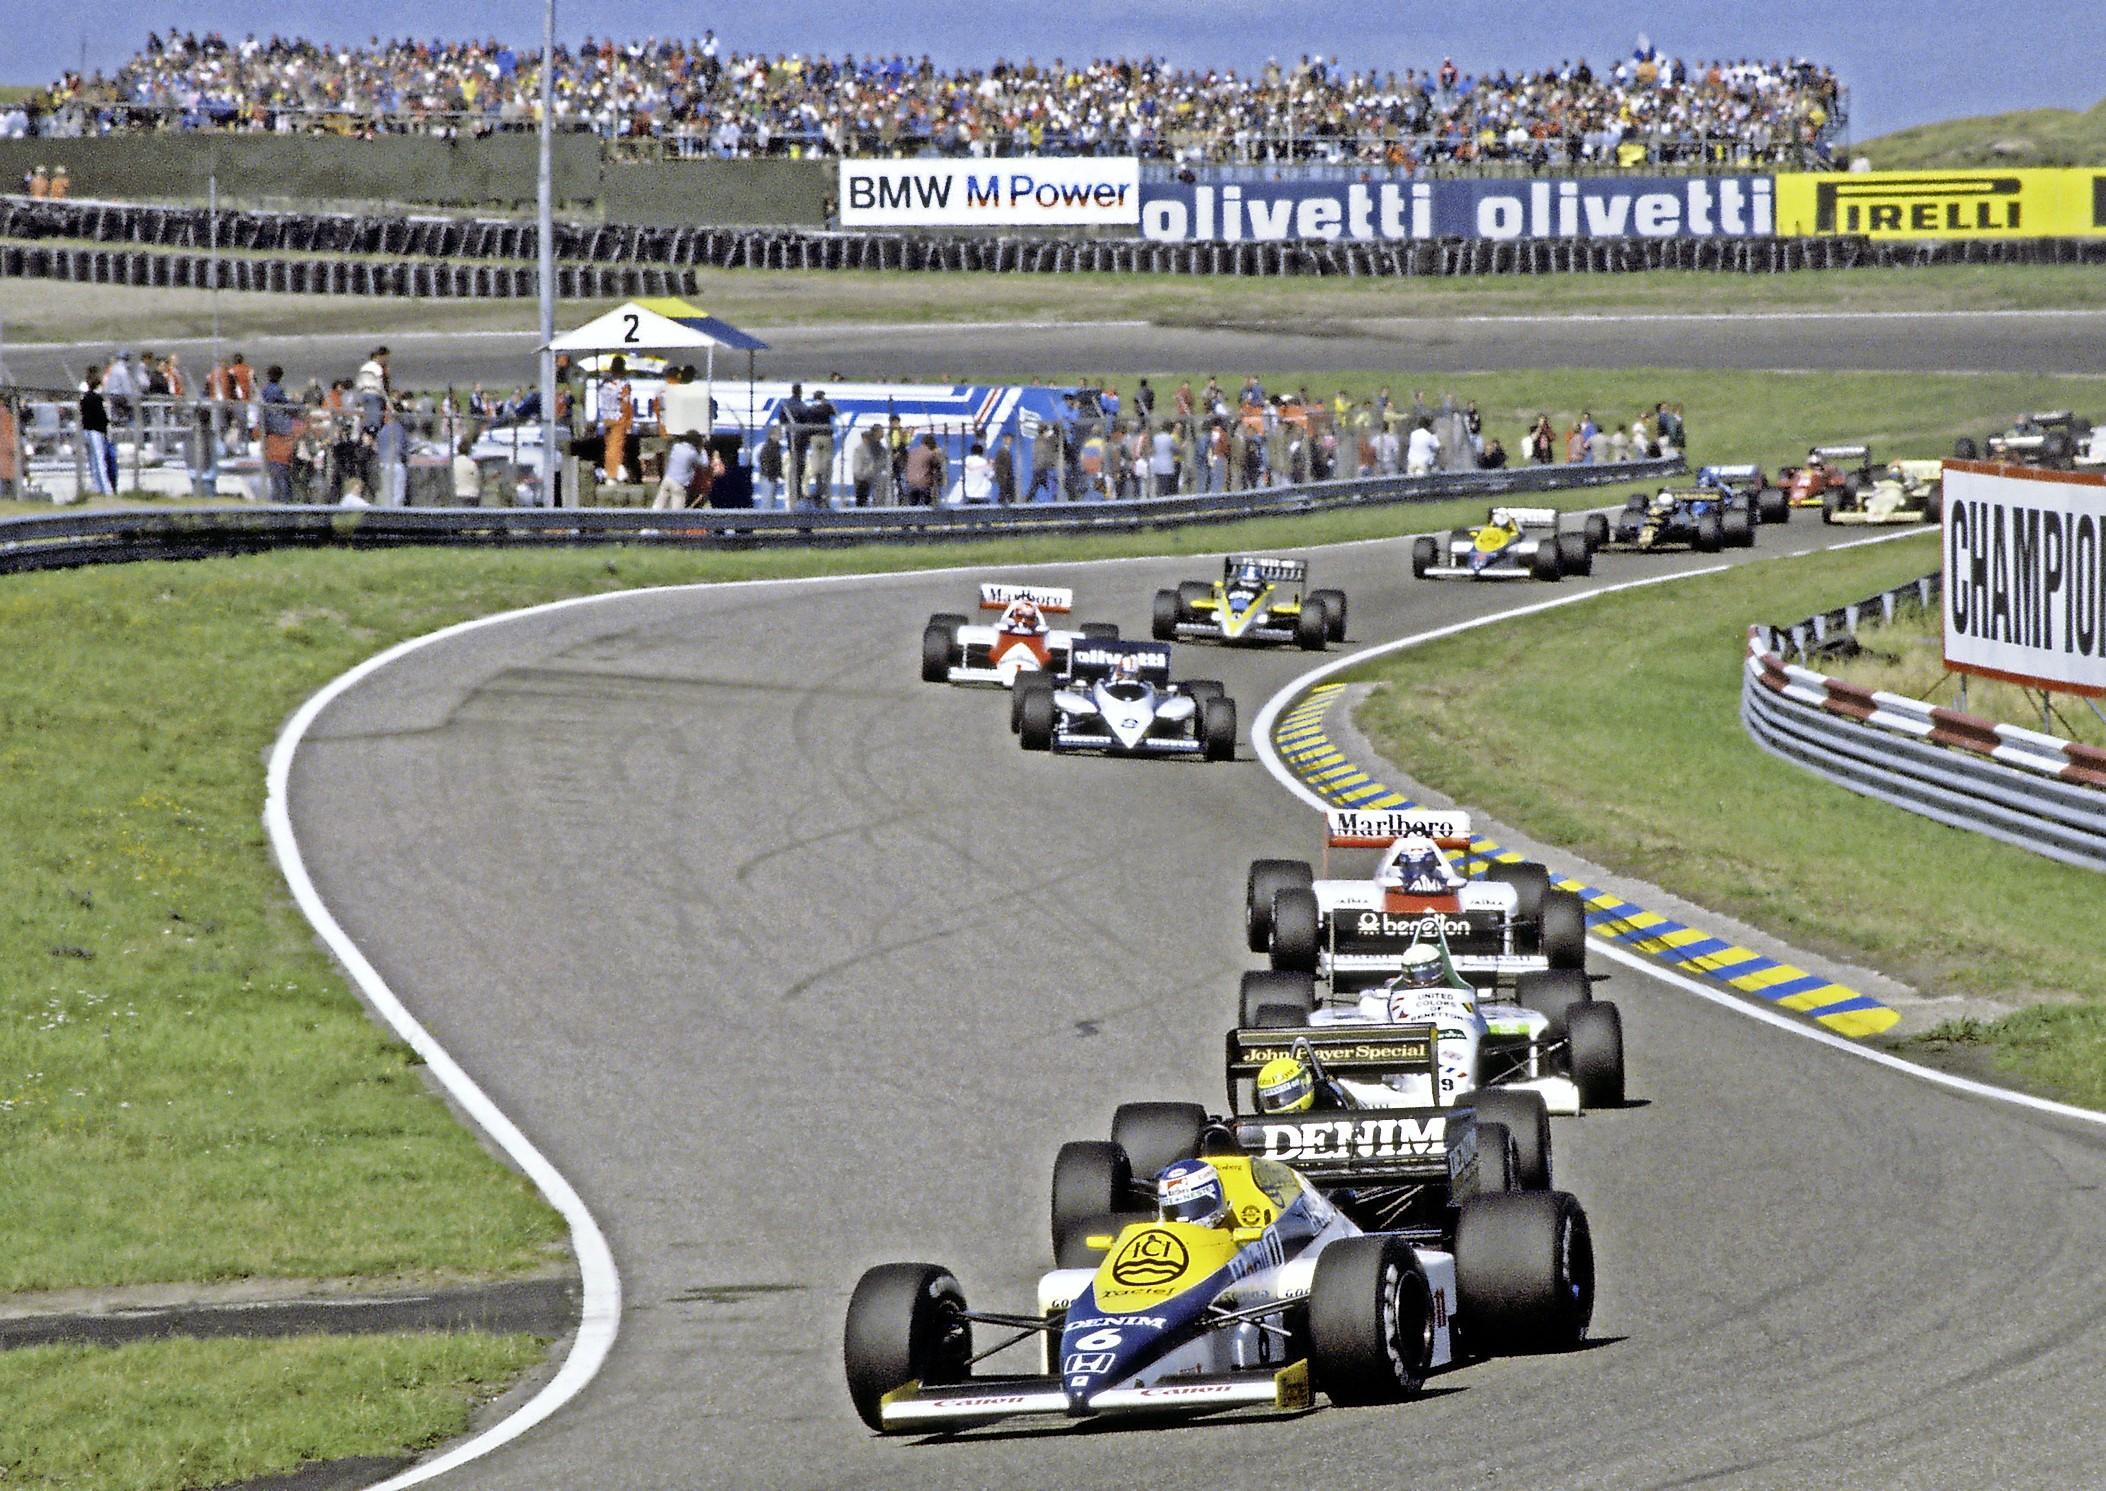 Opkomst, ondergang, wederopstanding. De Formule 1 op Circuit Zandvoort ging altijd gepaard met controverse